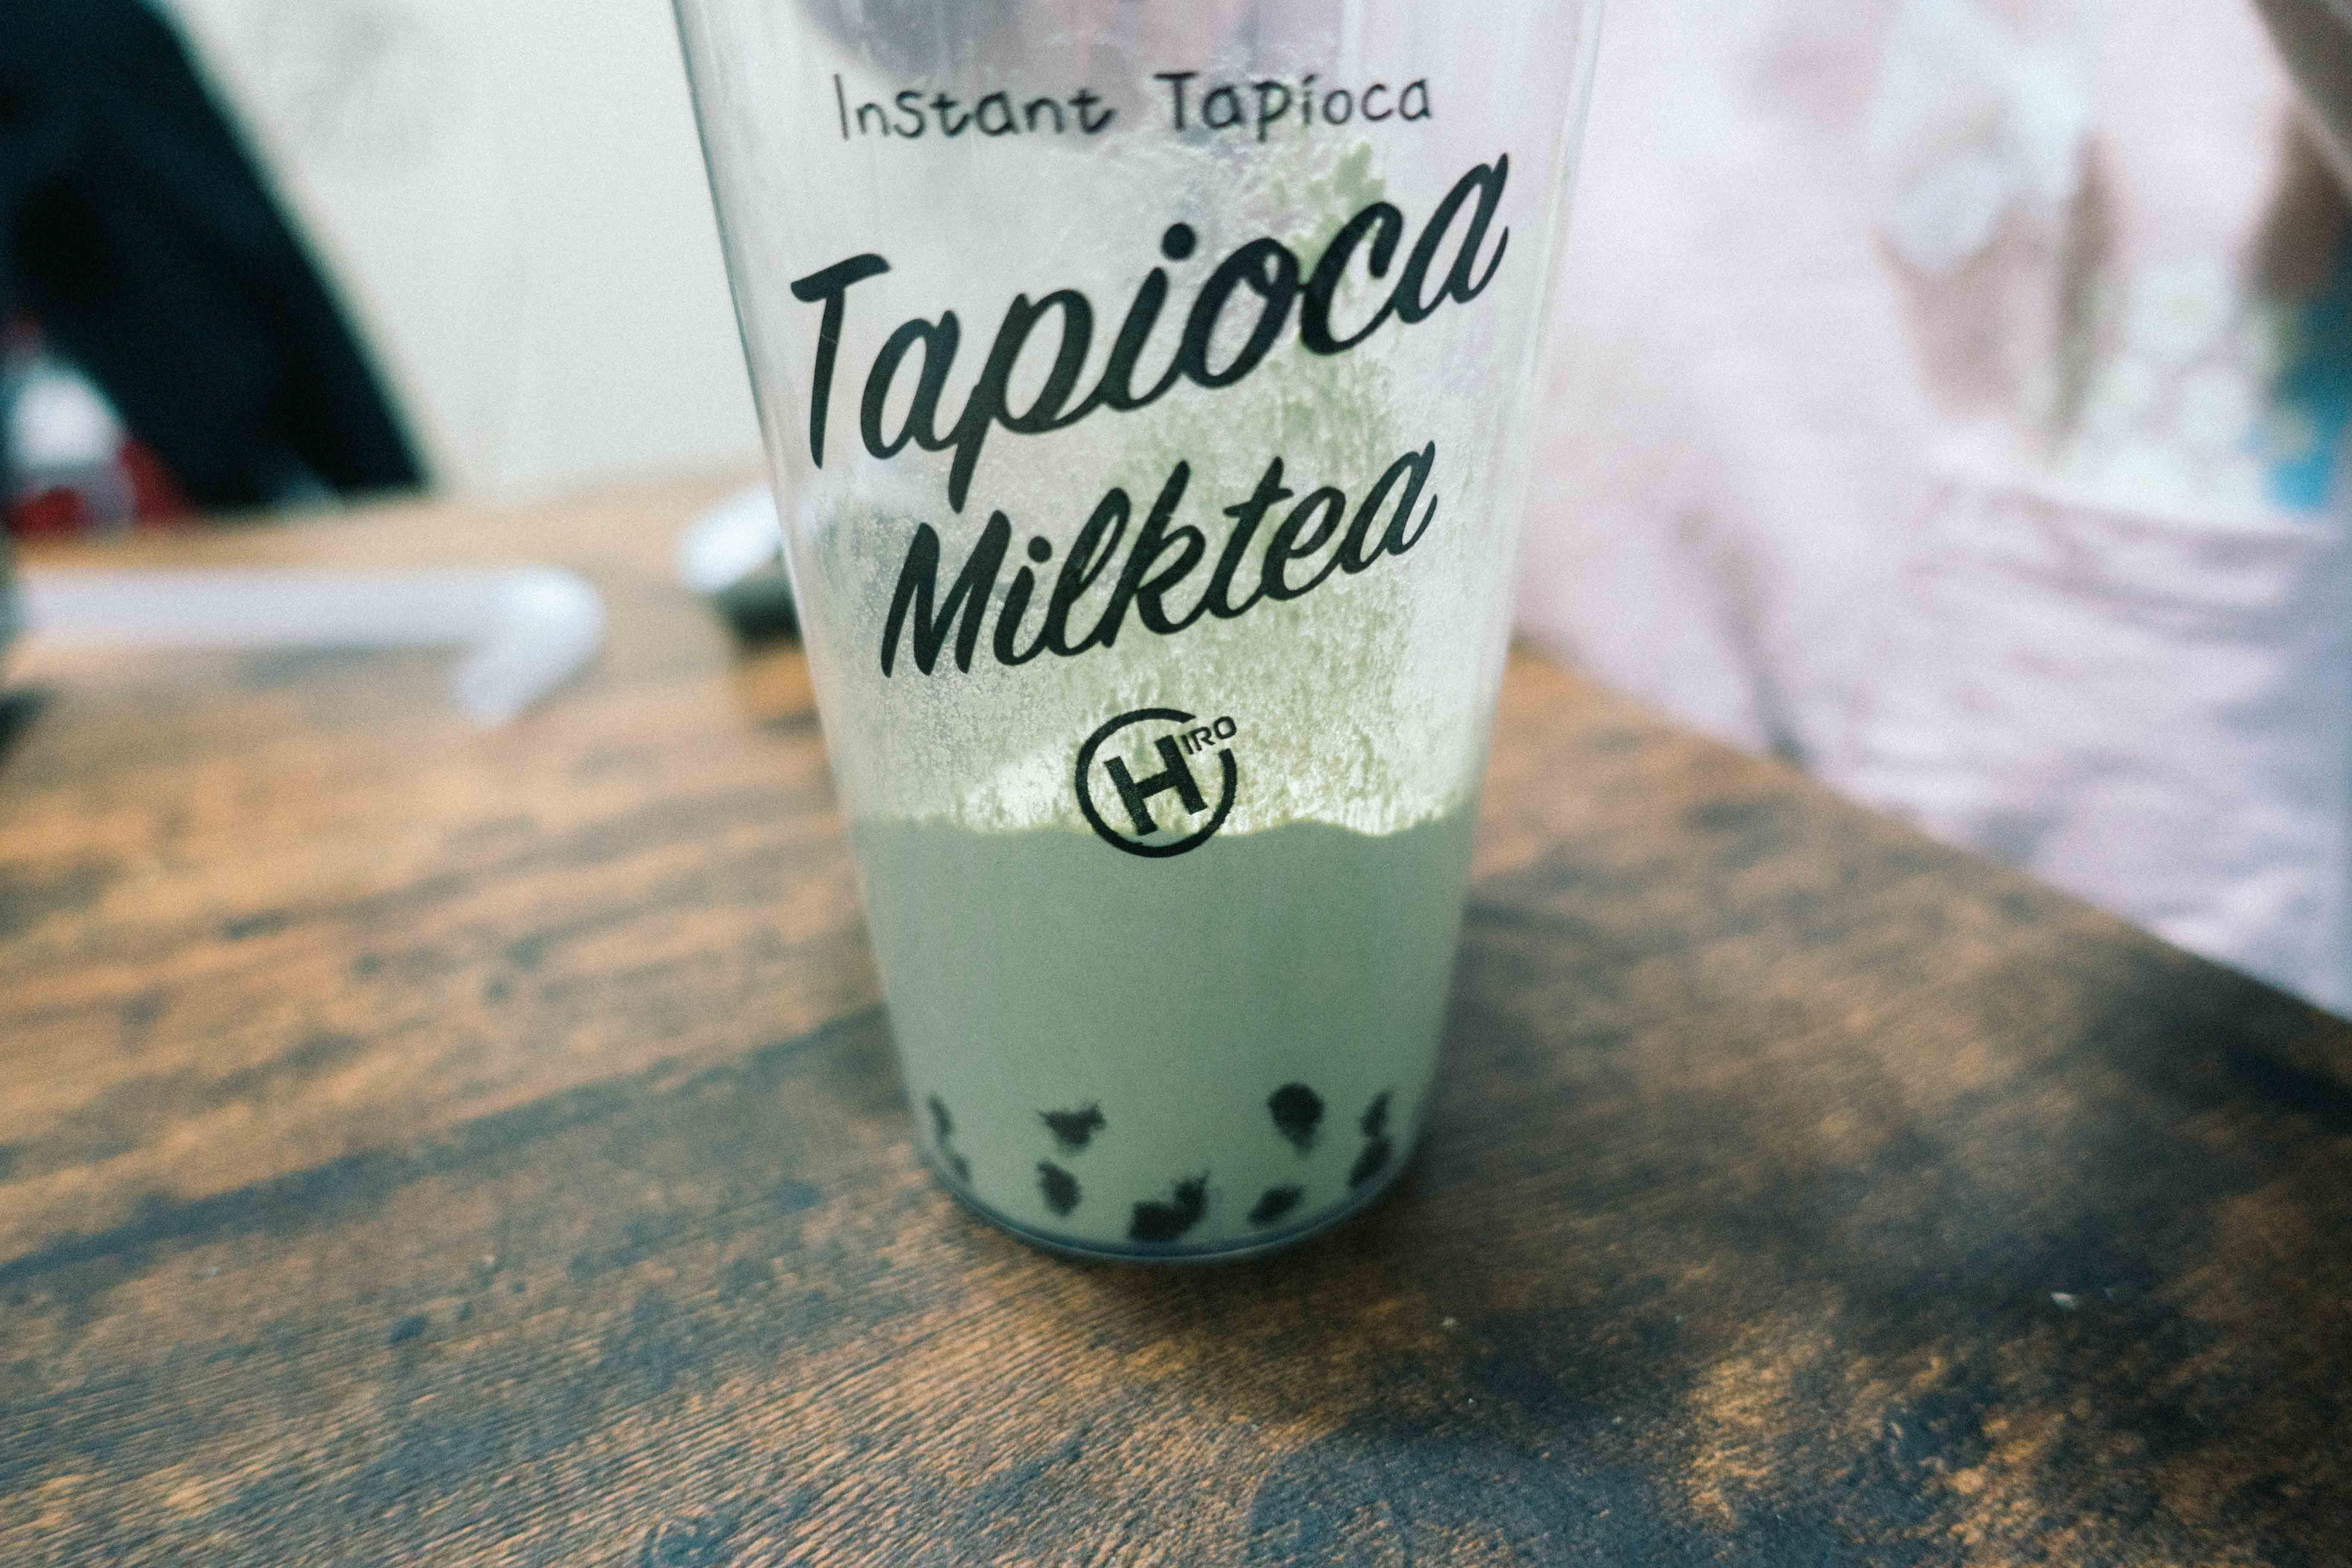 インスタントタピオカ抹茶